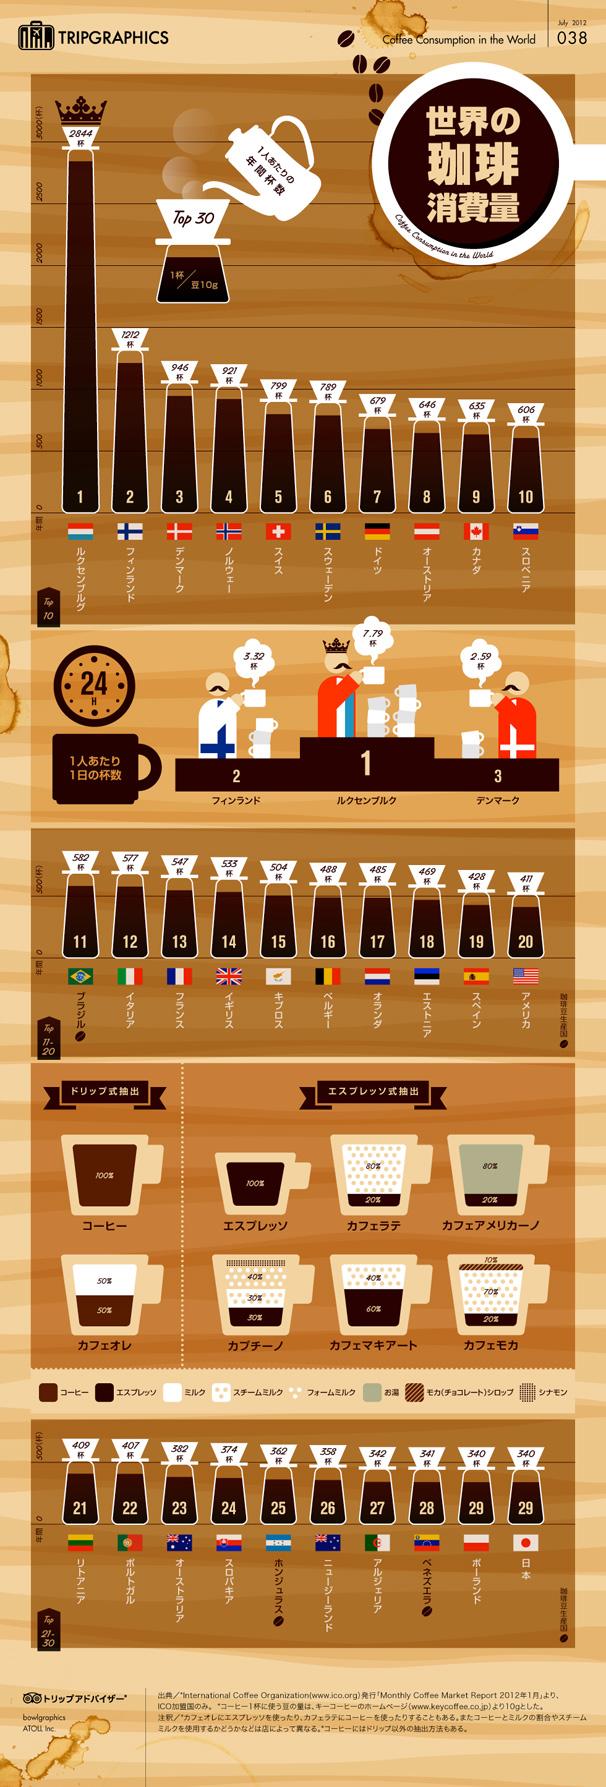 インフォグラフィック:コーヒーが好きな国はヨーロッパに集約。消費量トップの国の意外な理由